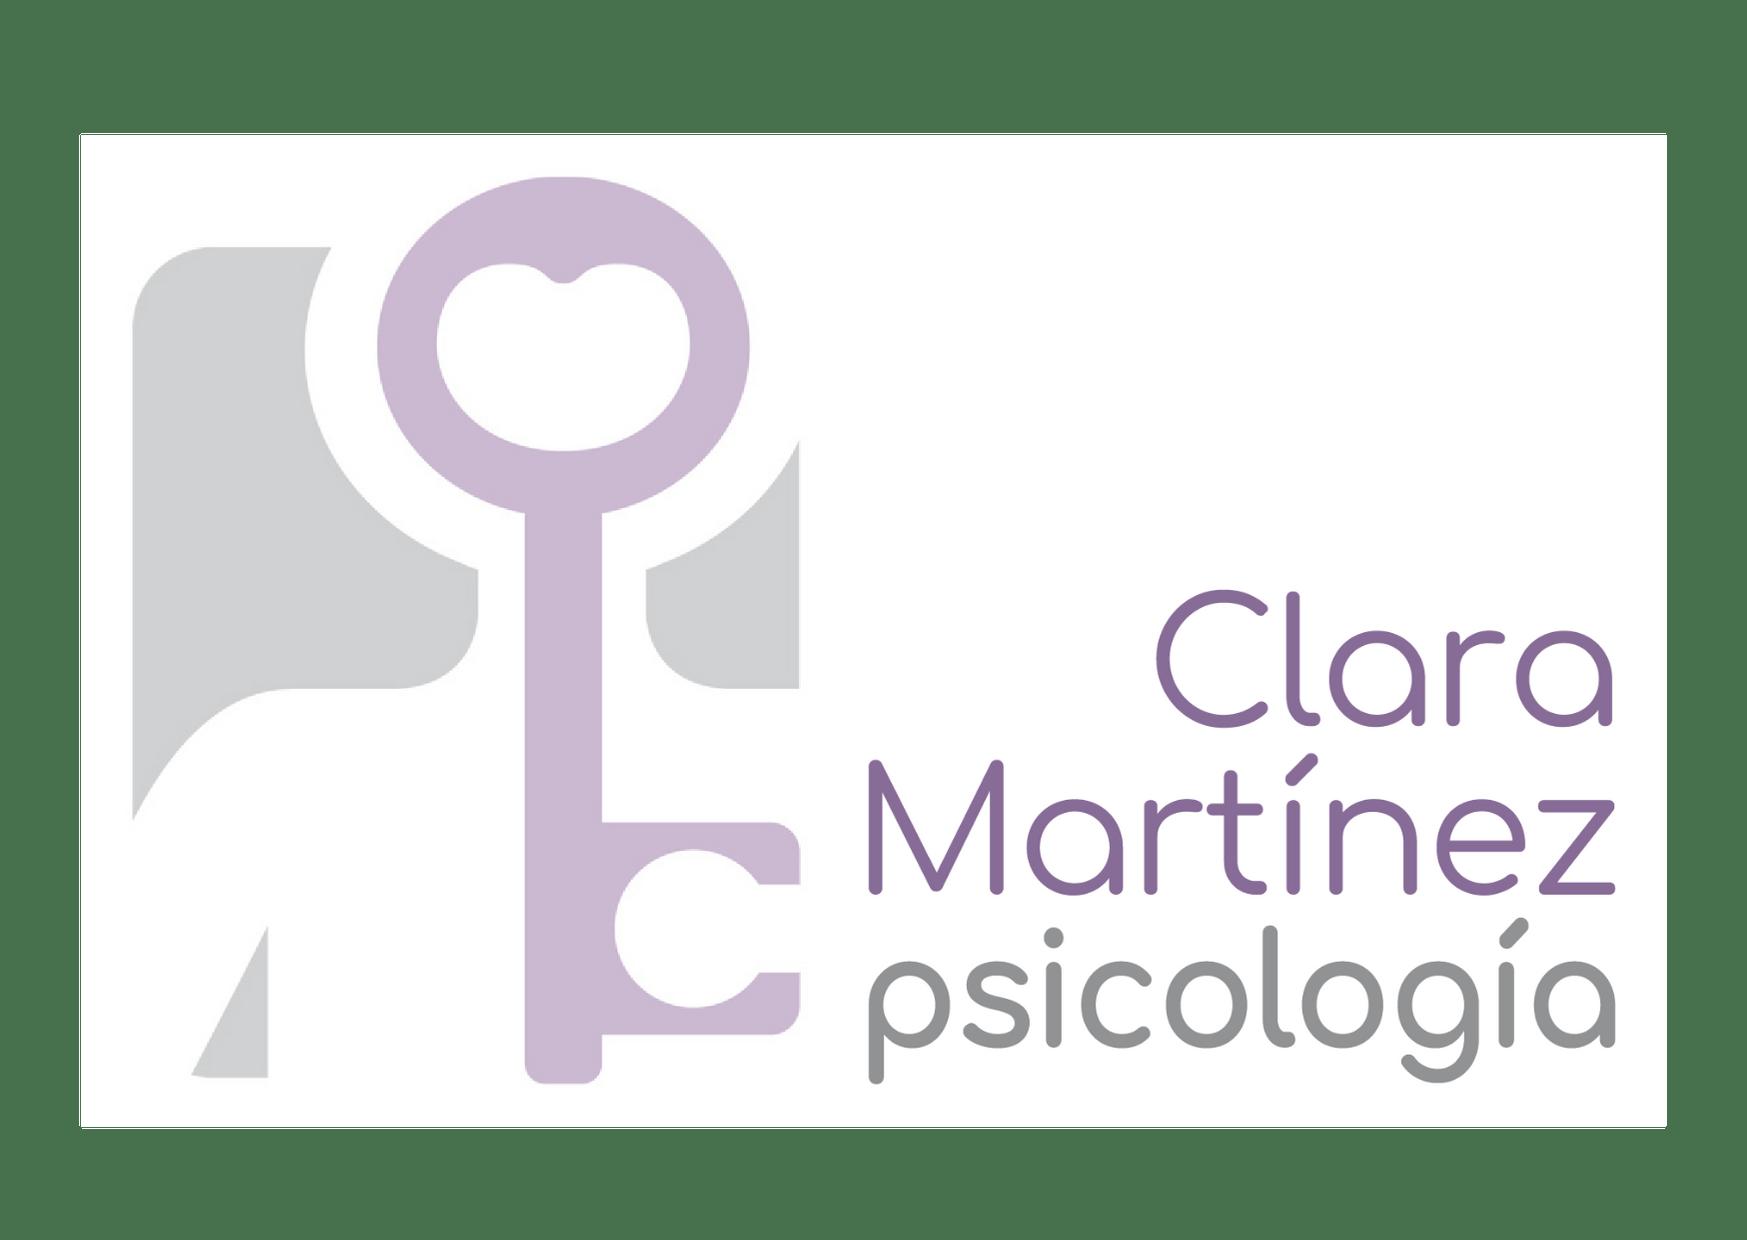 Logo de la psicóloga Clara Martínez: silueta-llave que une mente y corazón